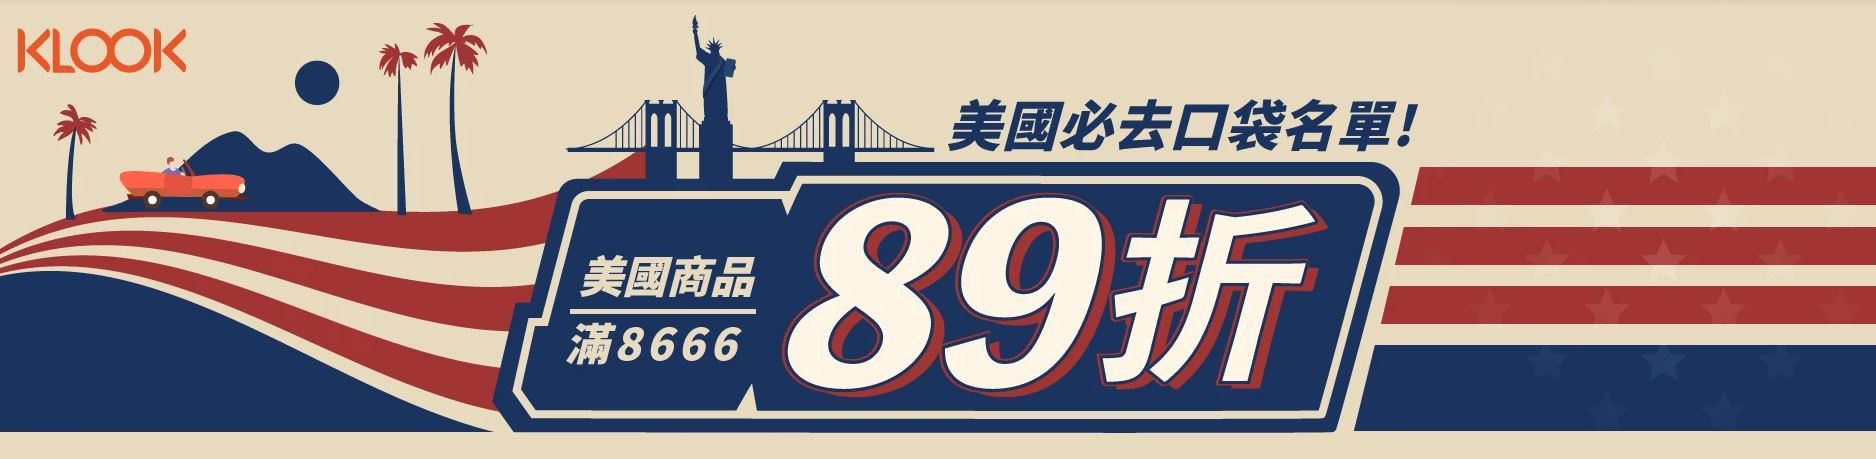 【限時3天】12/24~12/26購買日、台、韓、泰、美等國行程,就送200元! - threeonelee.com